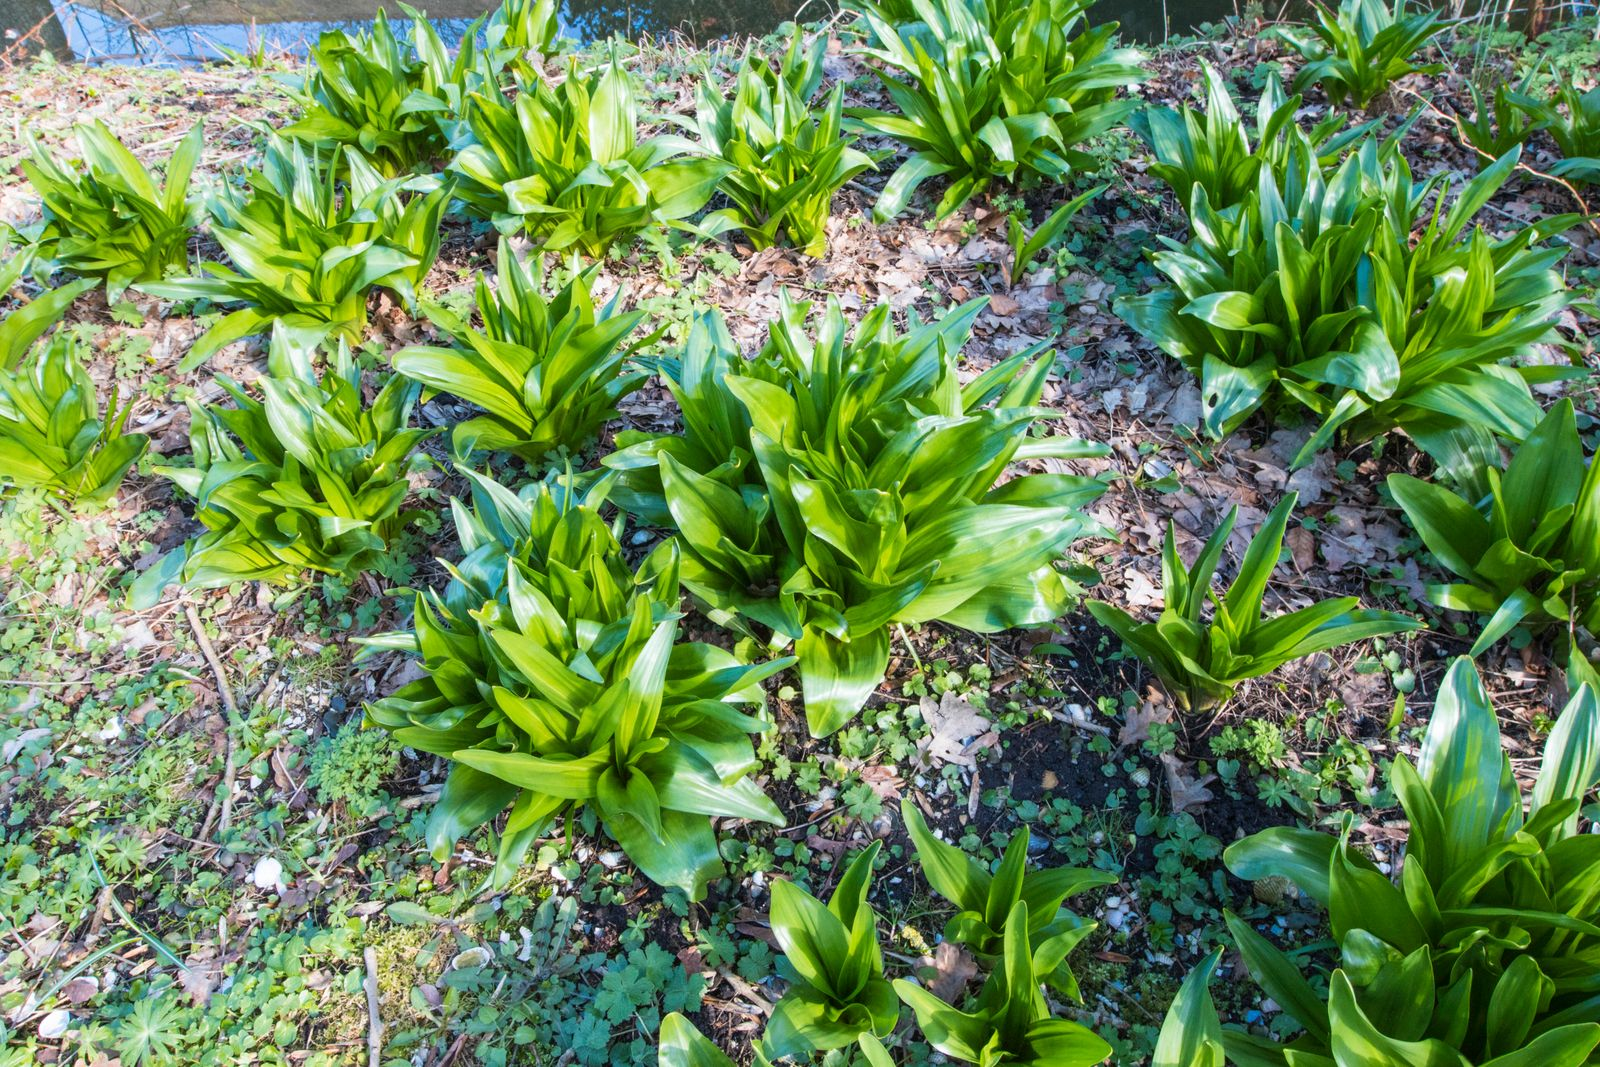 Byzantinische Herbstzeitlose (Colchicum byzantinum, Colchicum x byzantinum), in einem Garten, Niederlande, Friesland, S